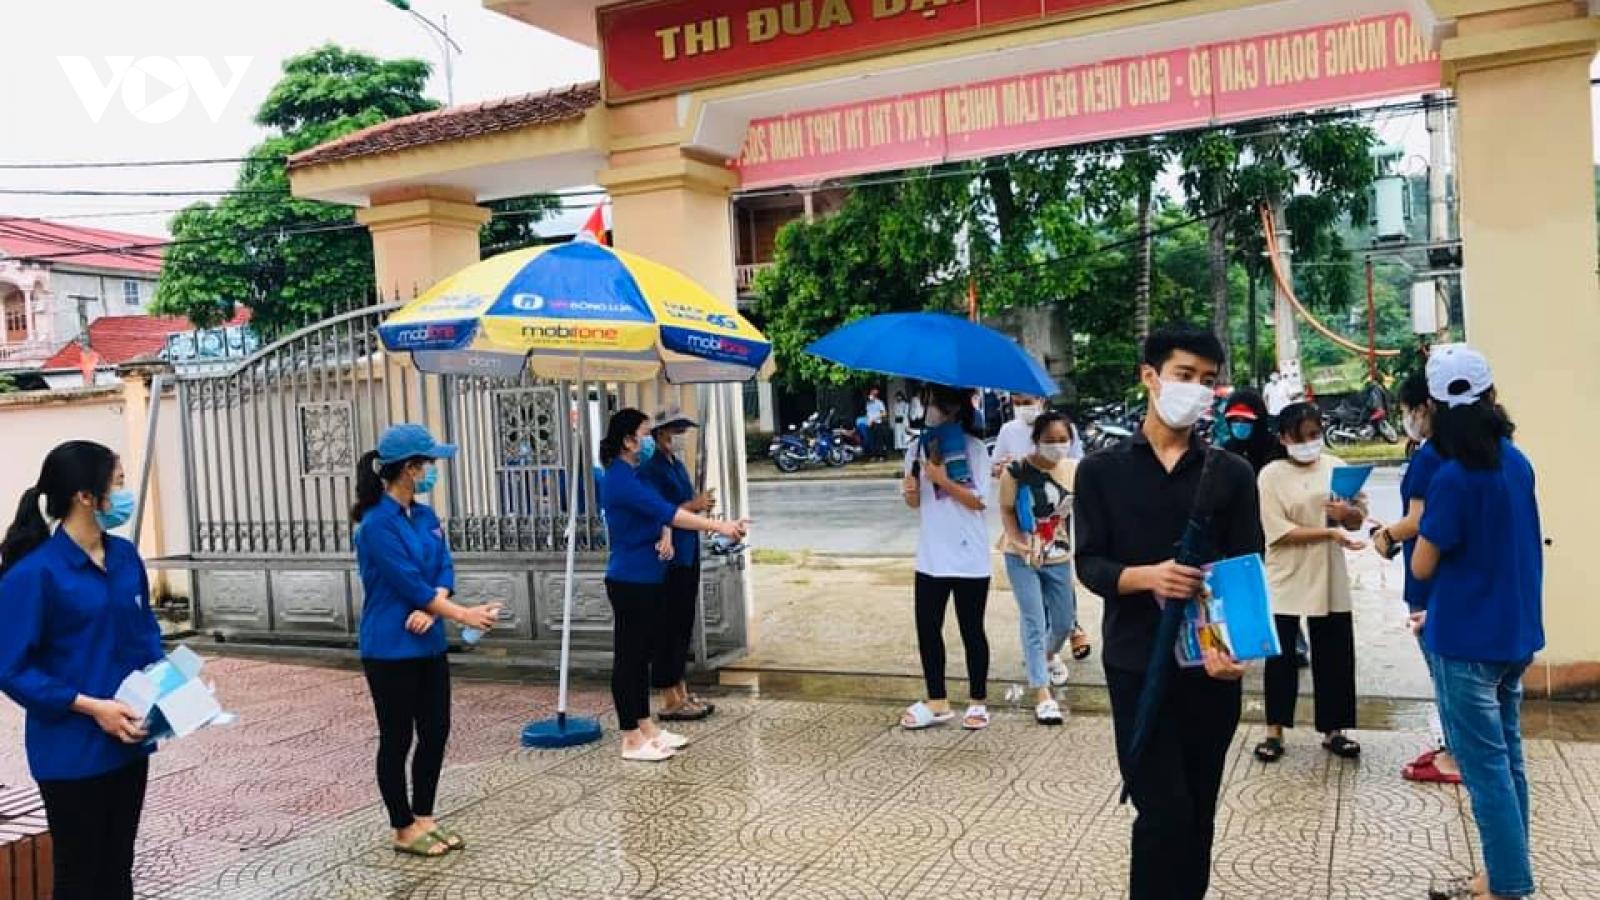 Thông tin về kỳ thi tốt nghiệp THPT năm 2021 tại Điện Biên, Đắk Lắk, Nghệ An, Bình Thuận